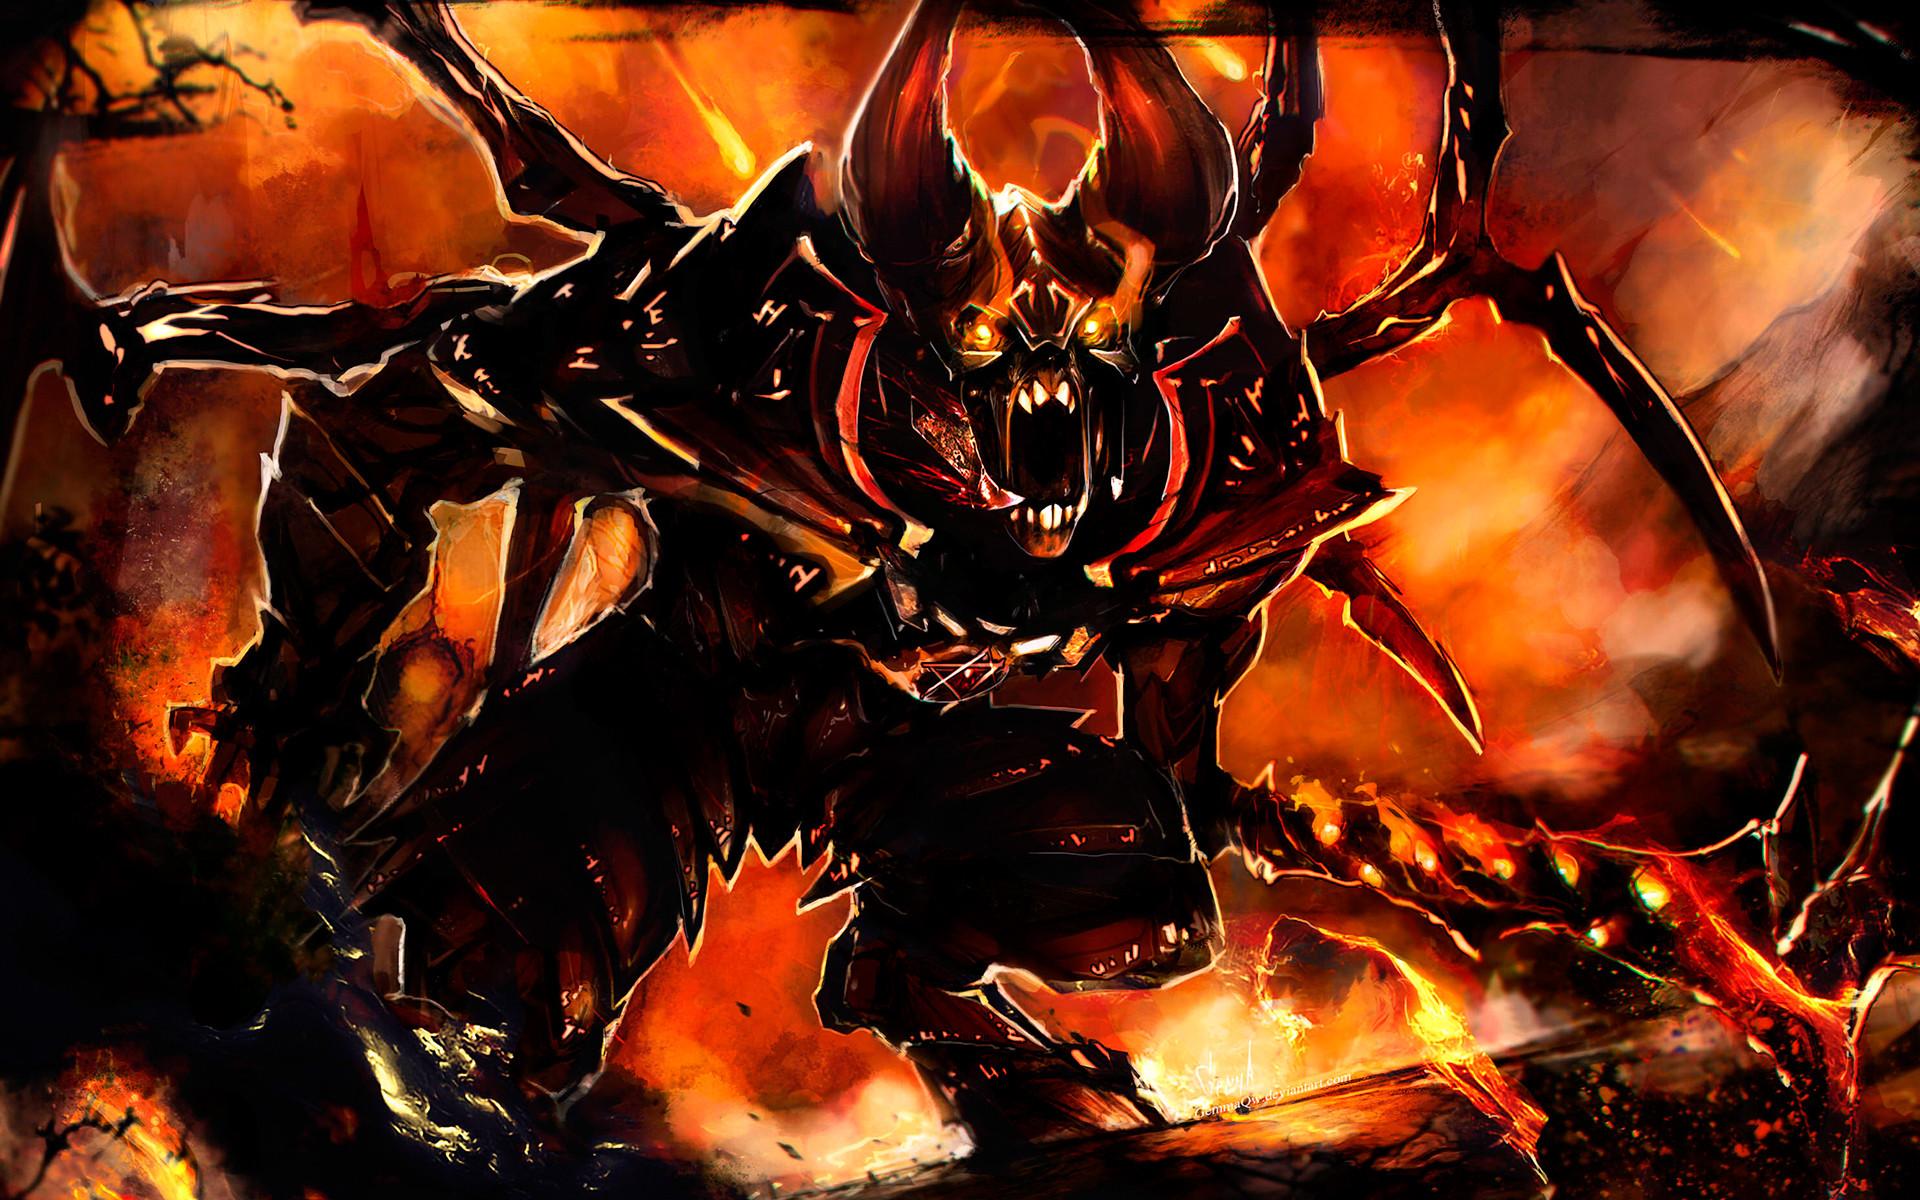 Doom Wallpaper, Games / Action: Doom , Action, Shooter, Horror 1920×1080  Doom 4 Wallpapers (34 Wallpapers) | Adorable Wallpapers | Desktop |  Pinterest …